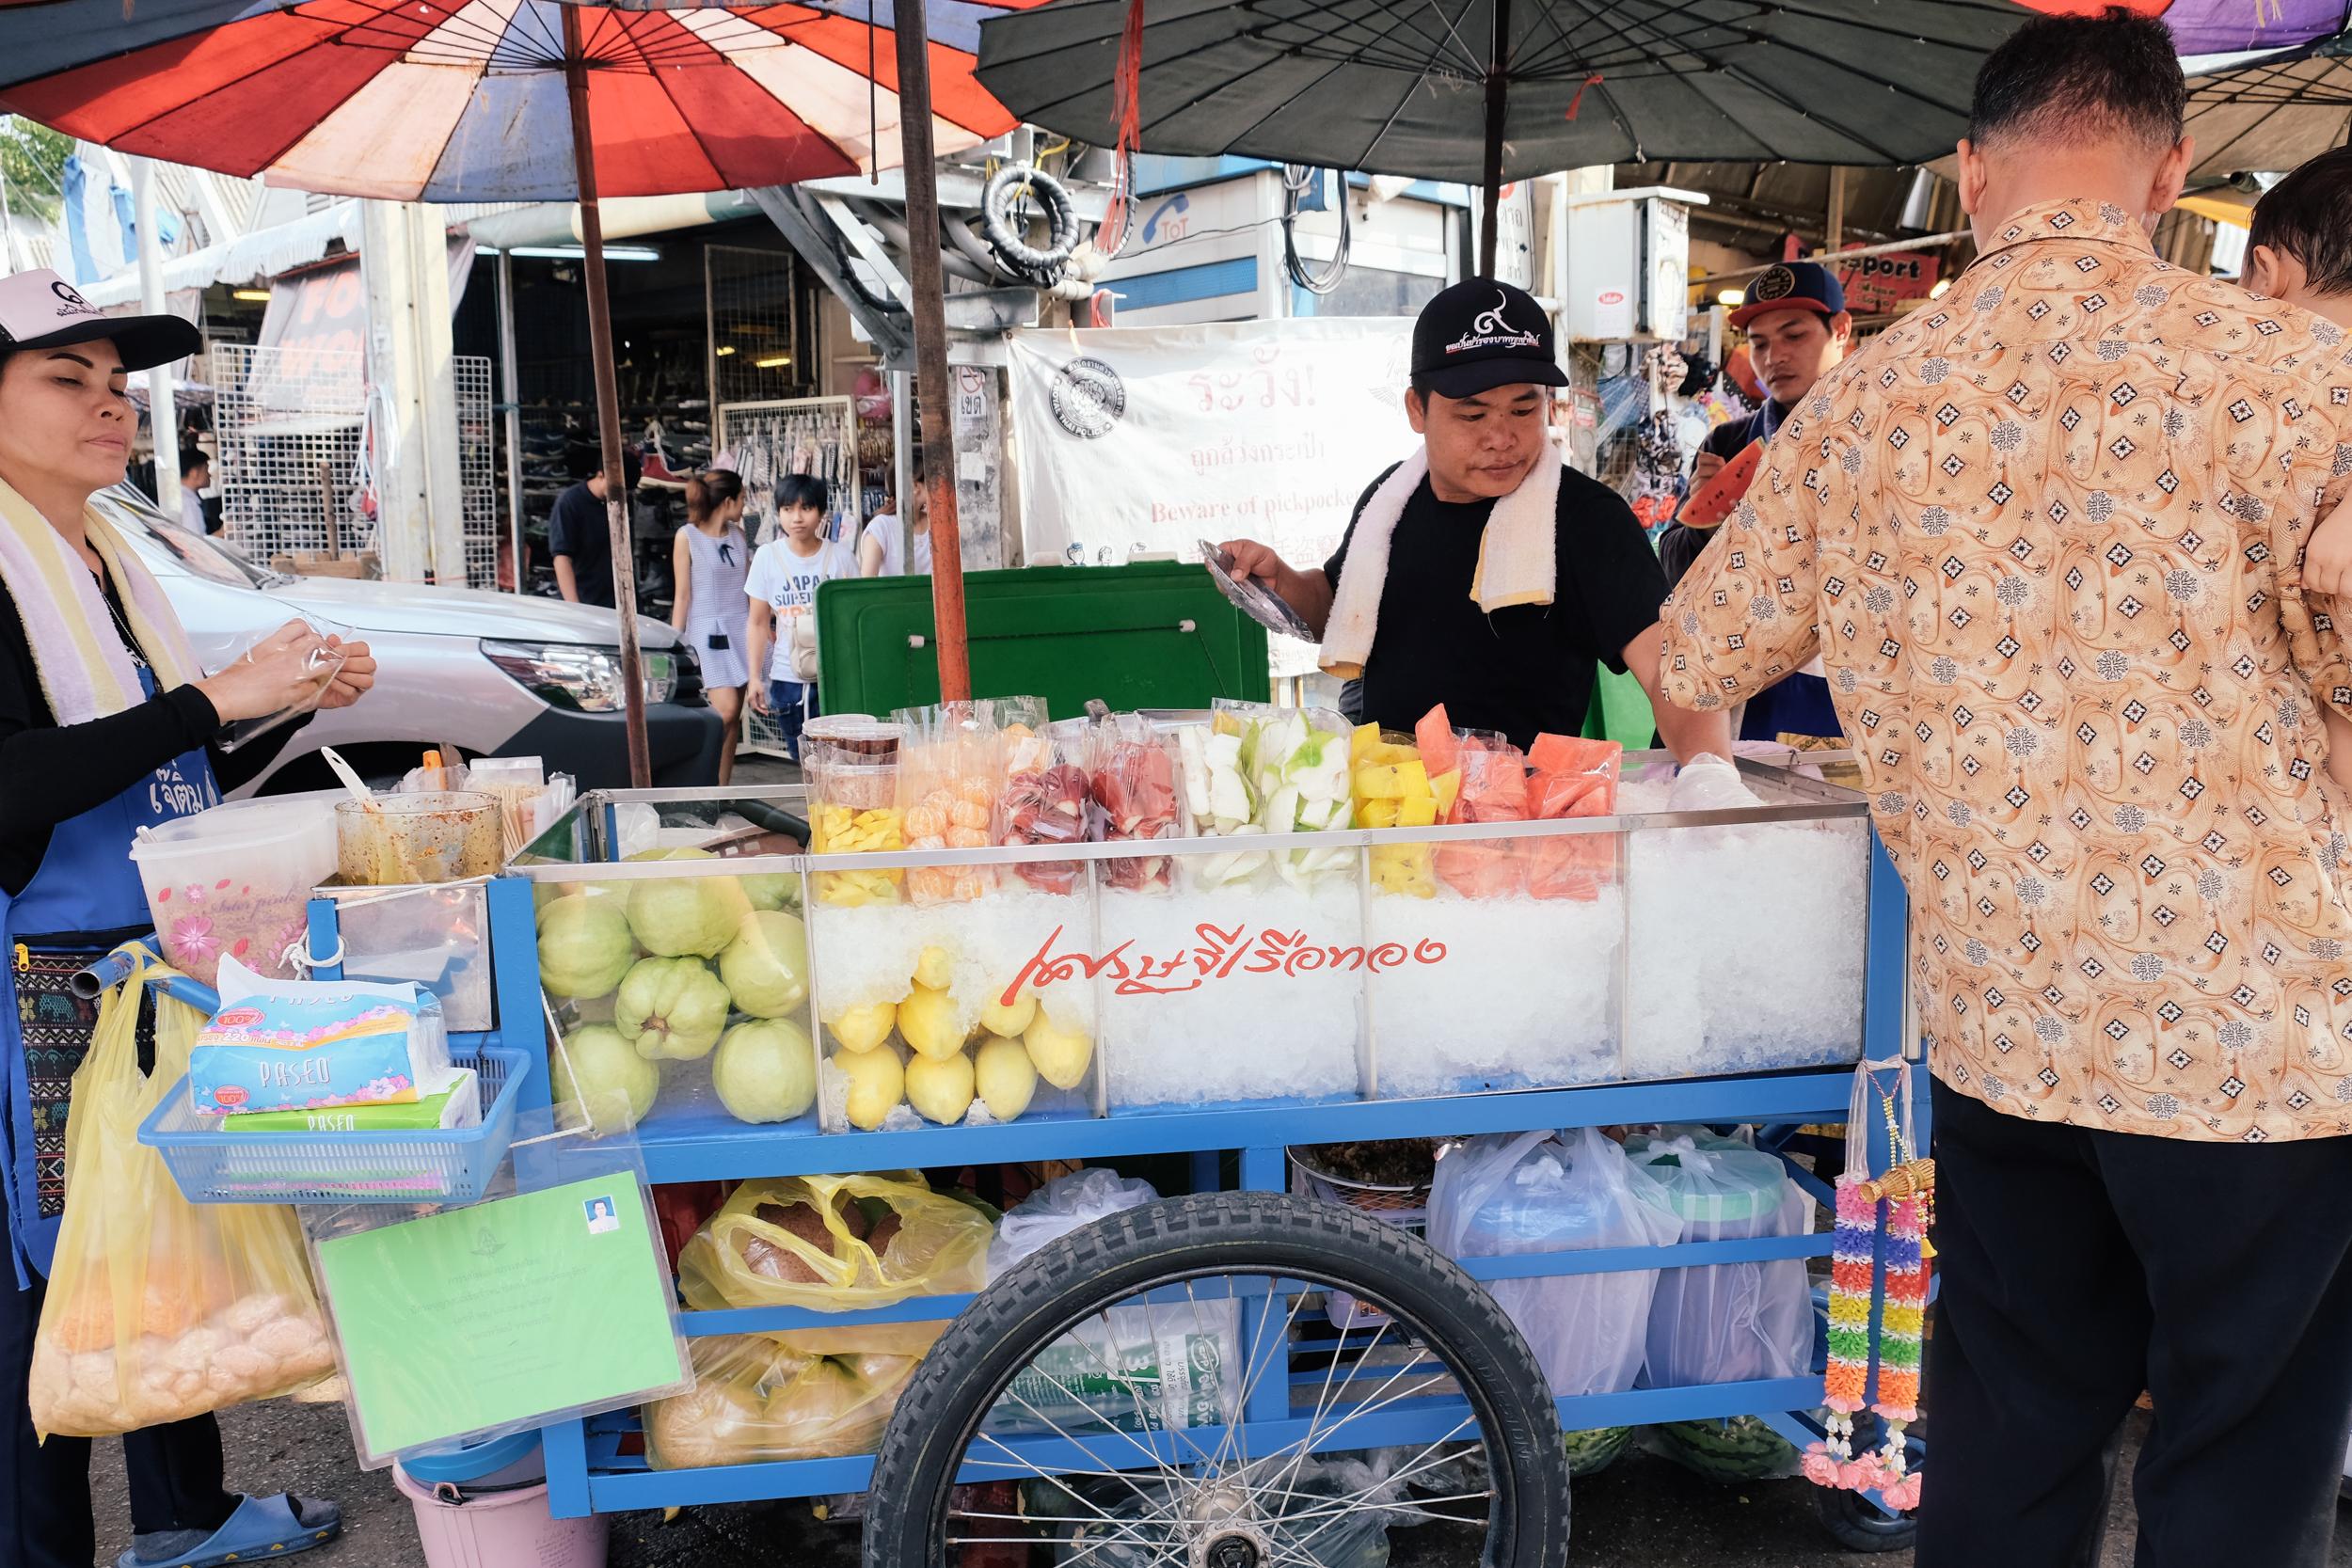 A fruit vendor. Such colorful fruits!